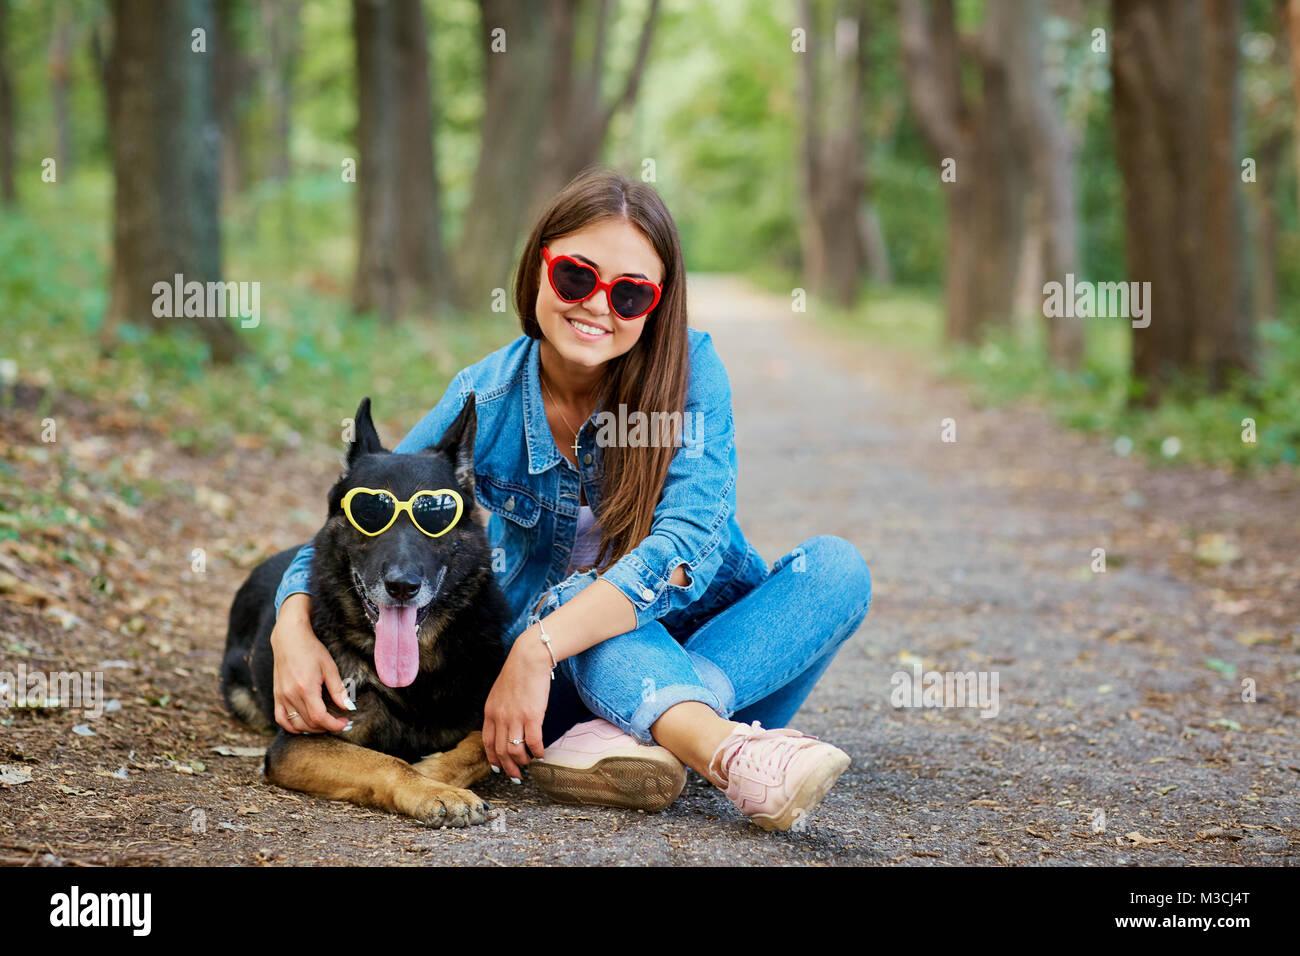 Ragazza giovane con un cane in occhiali da sole nel parco. Pastore Tedesco Immagini Stock